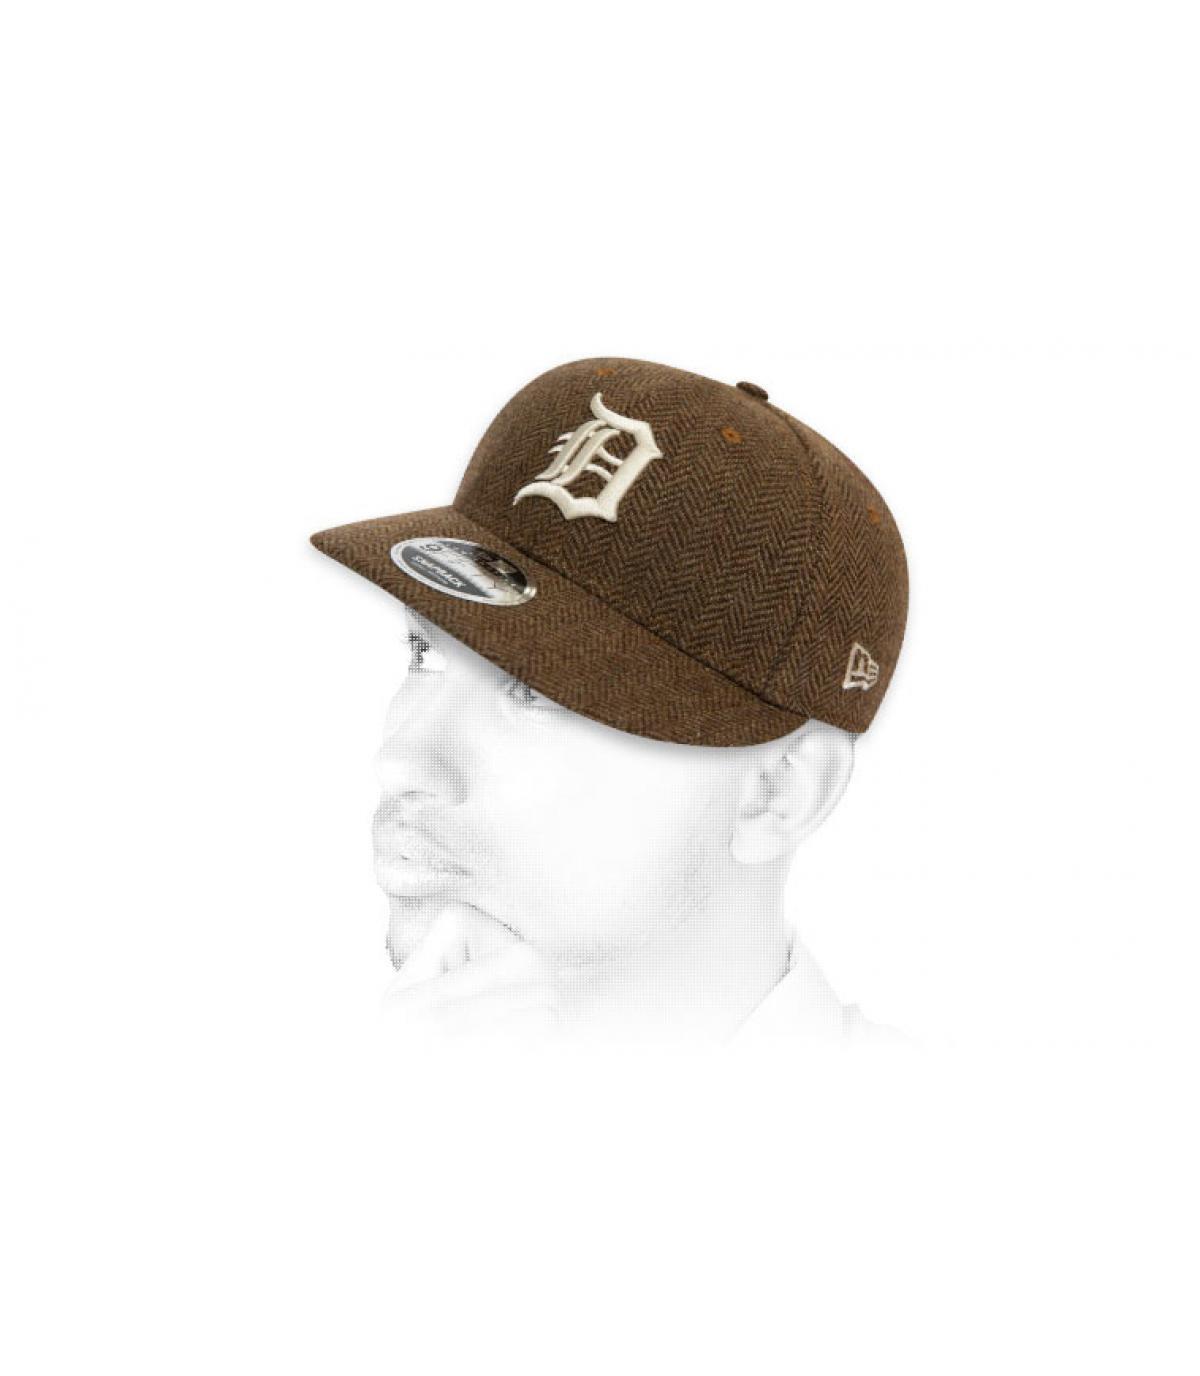 D tweed snapback brown.